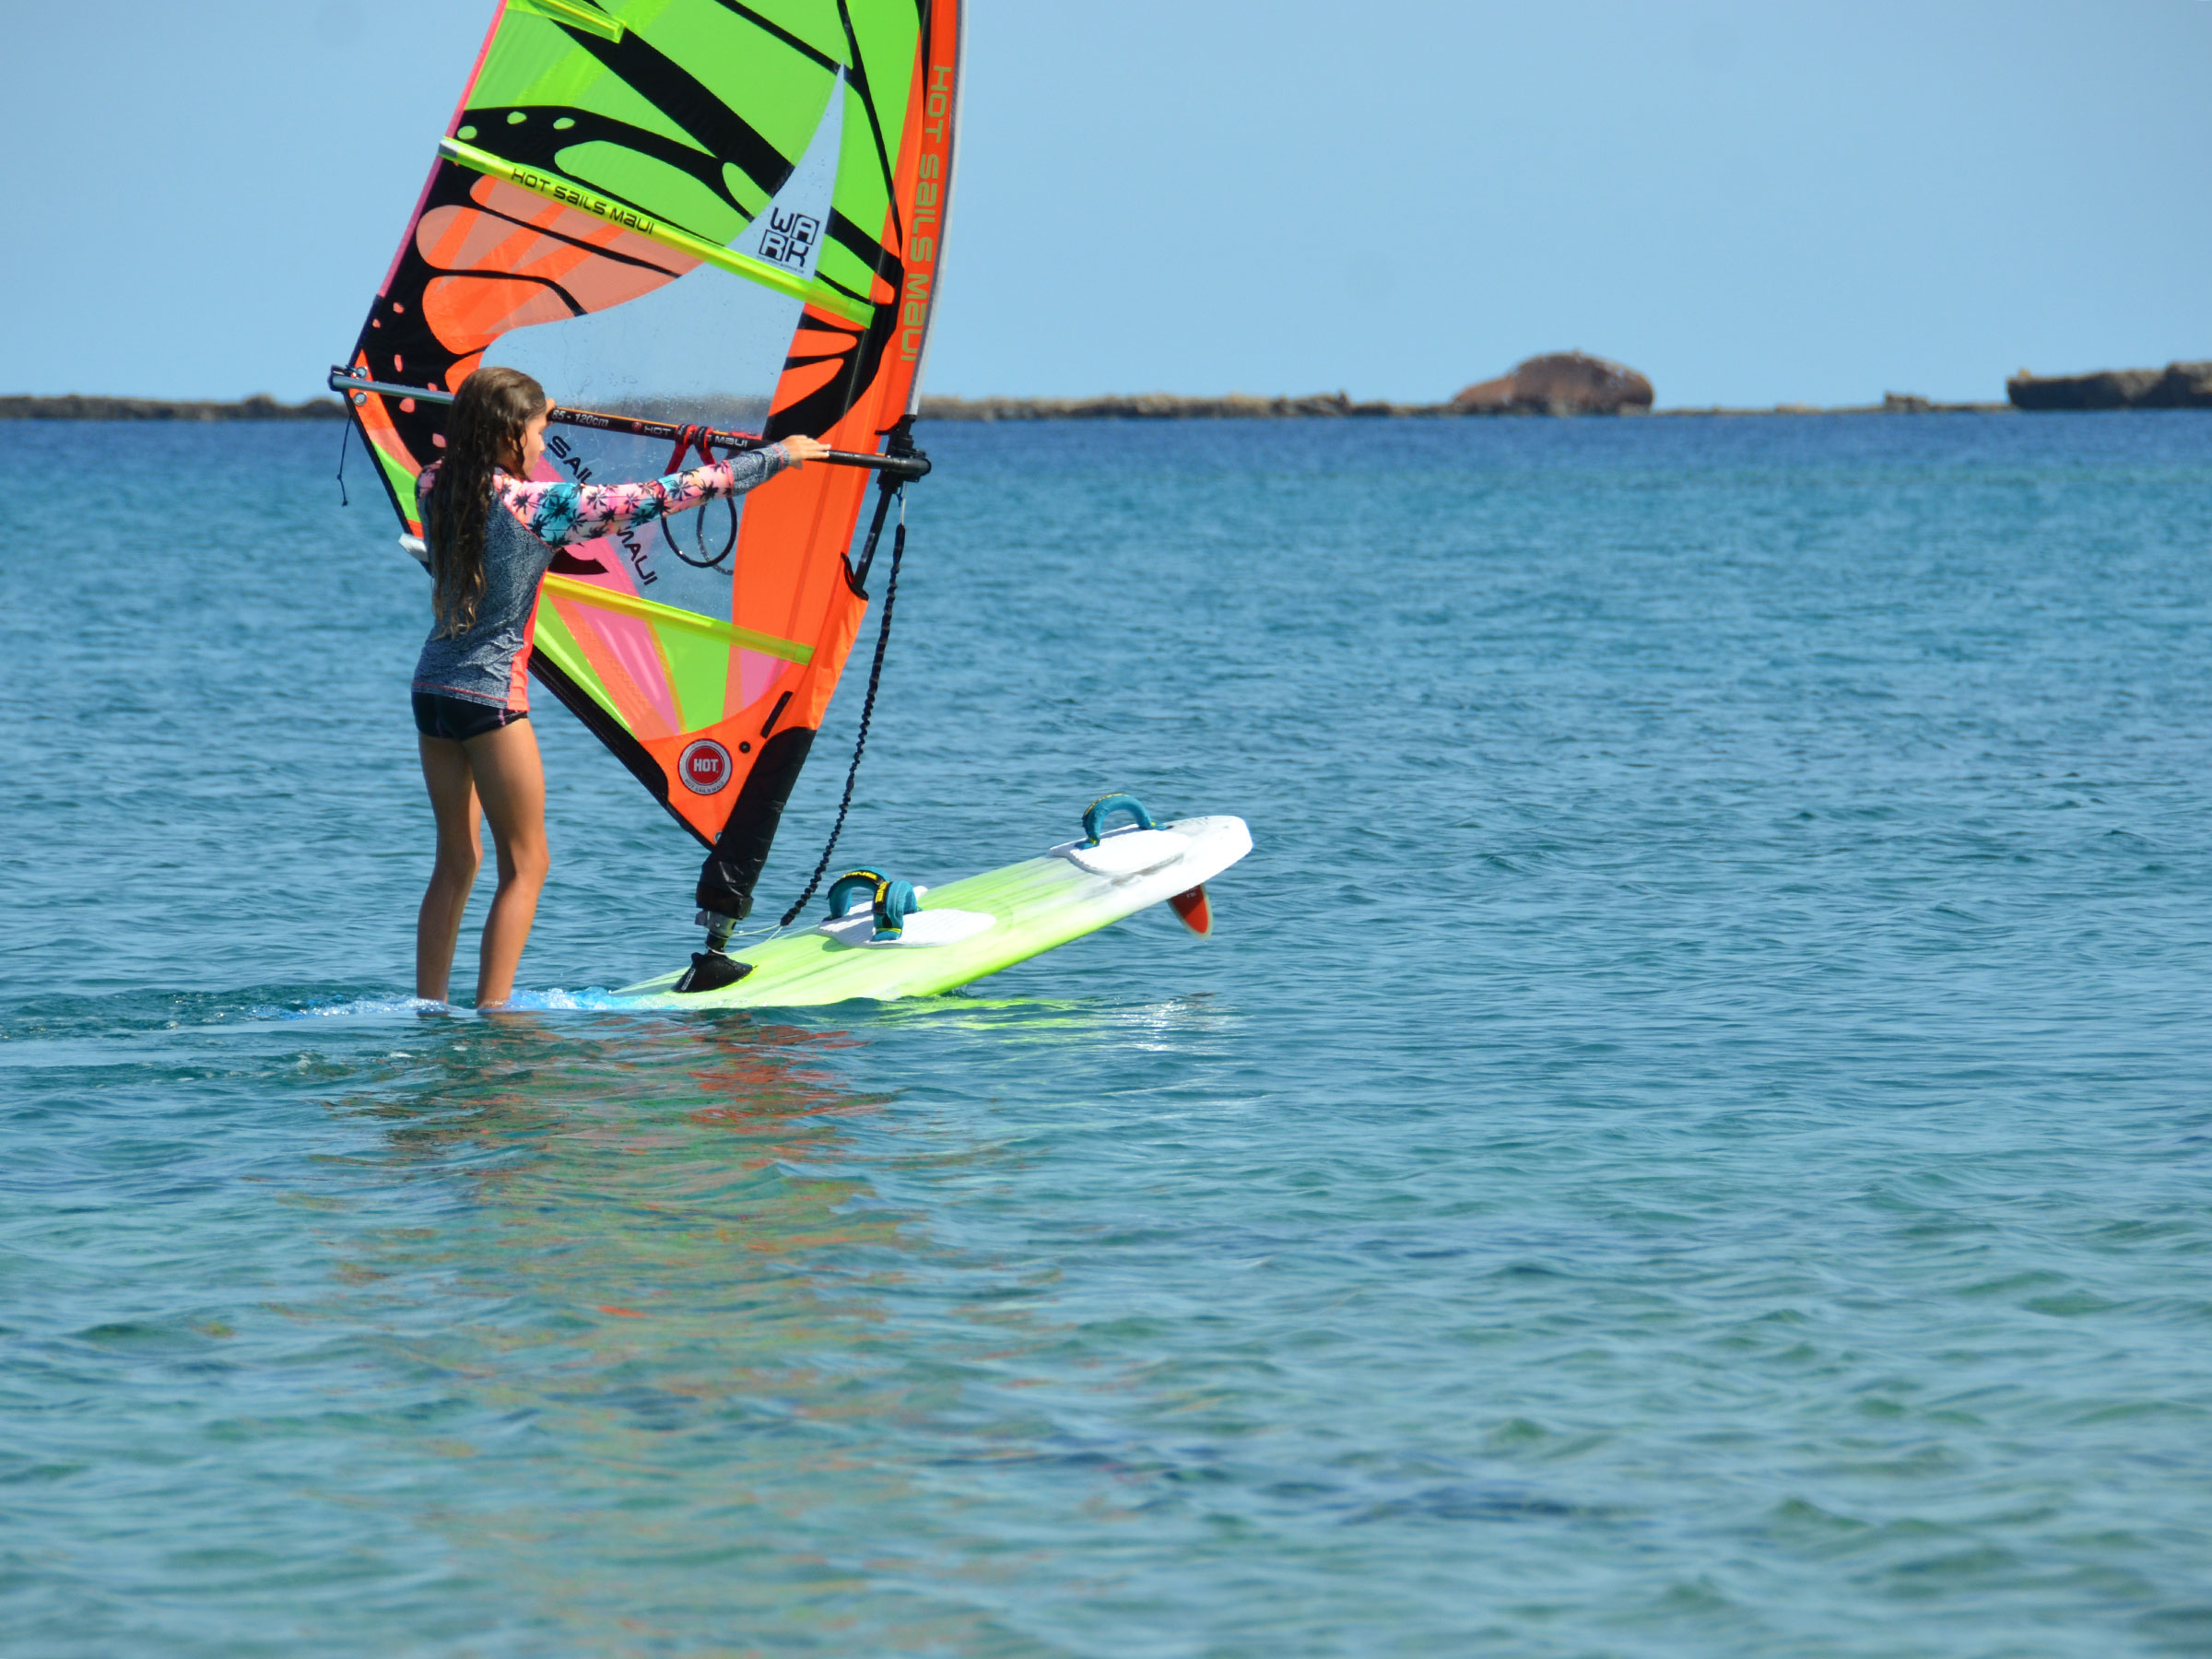 Hot Sails Maui Microfreak